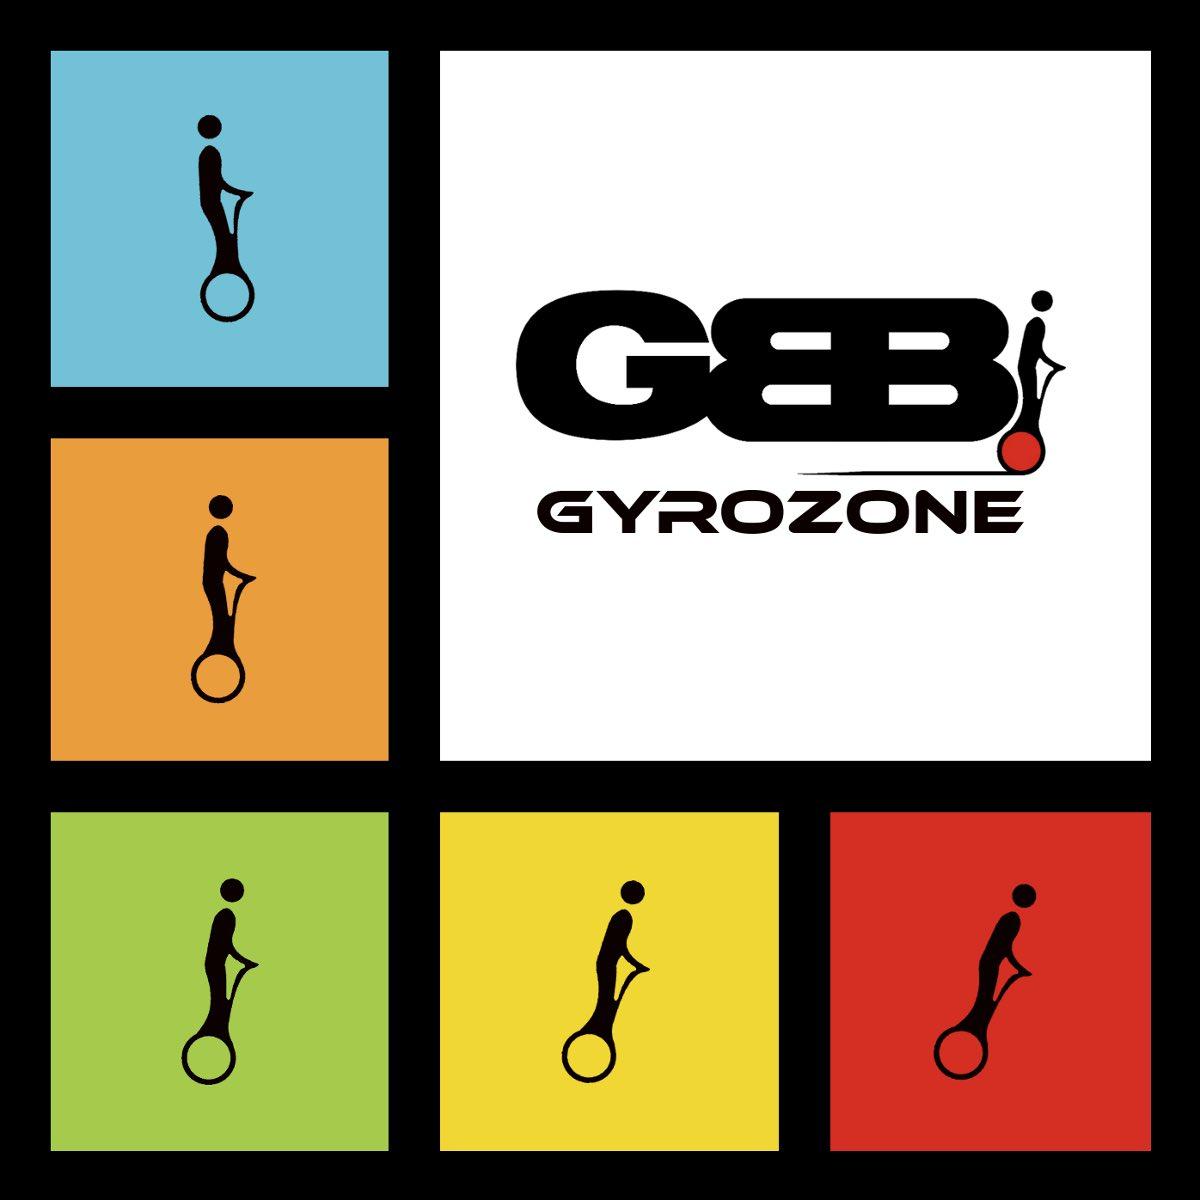 Gyrozone